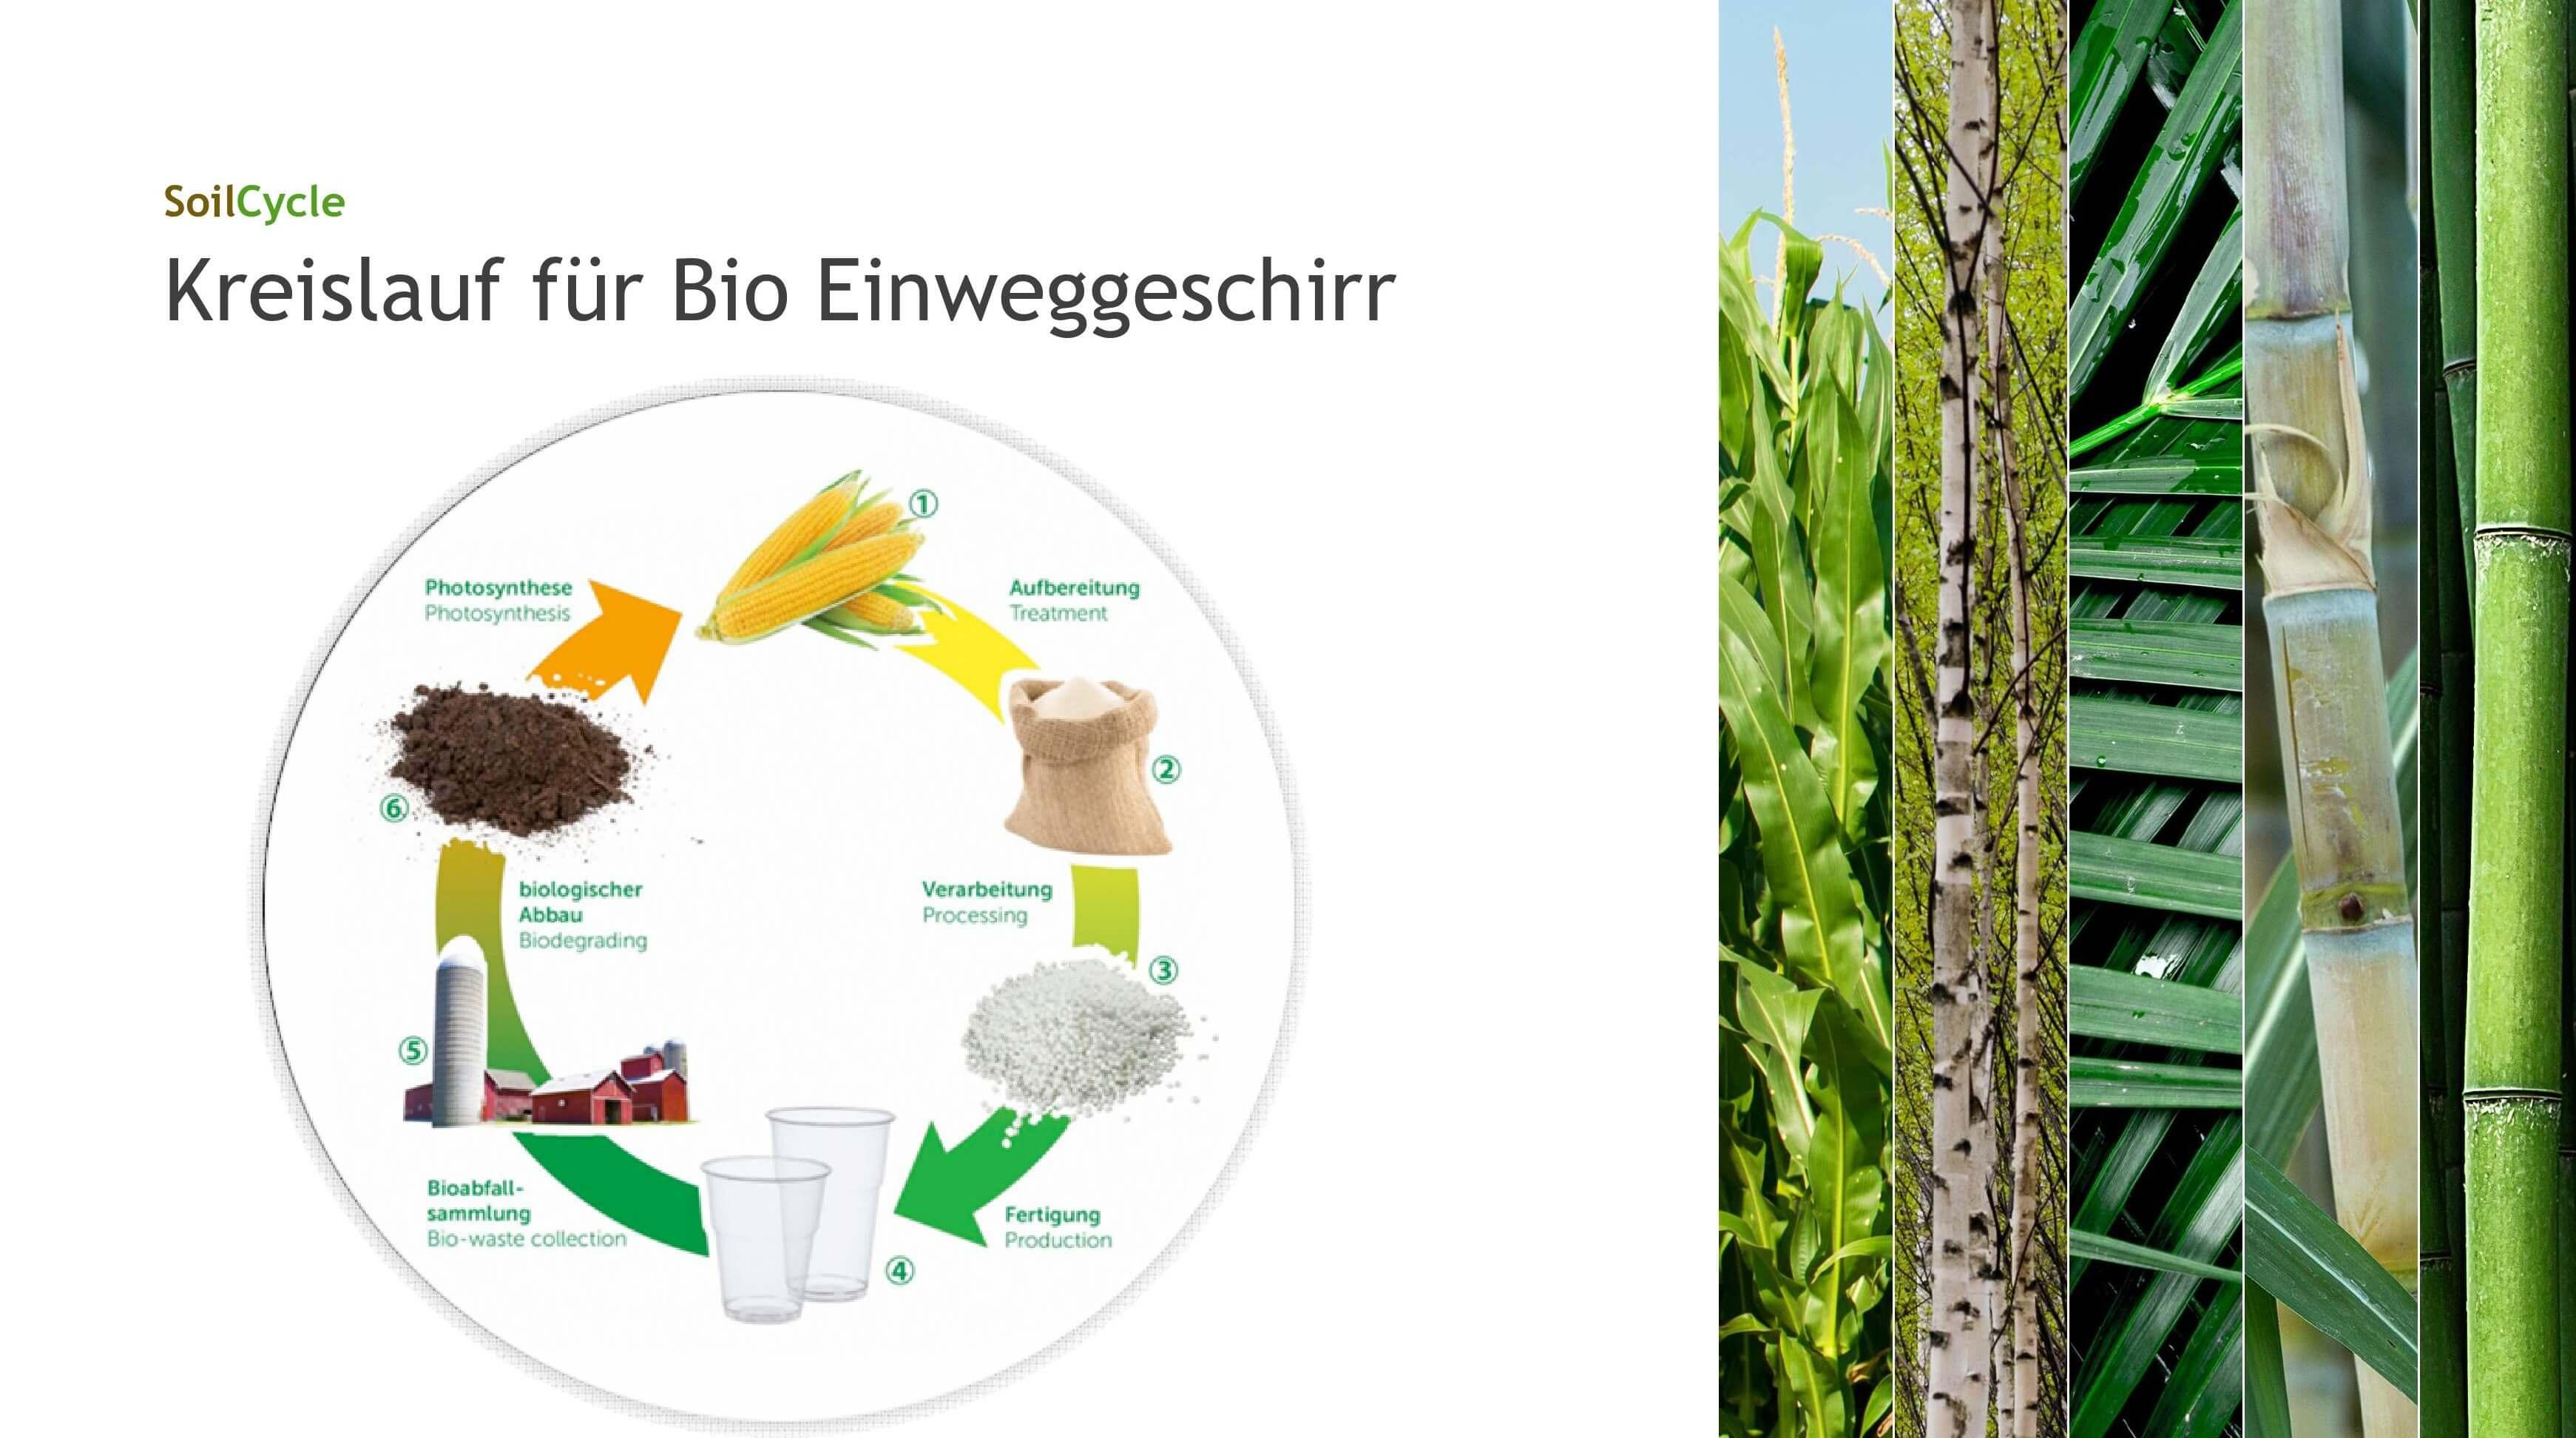 Bio Einweggeschirr SoilCycle